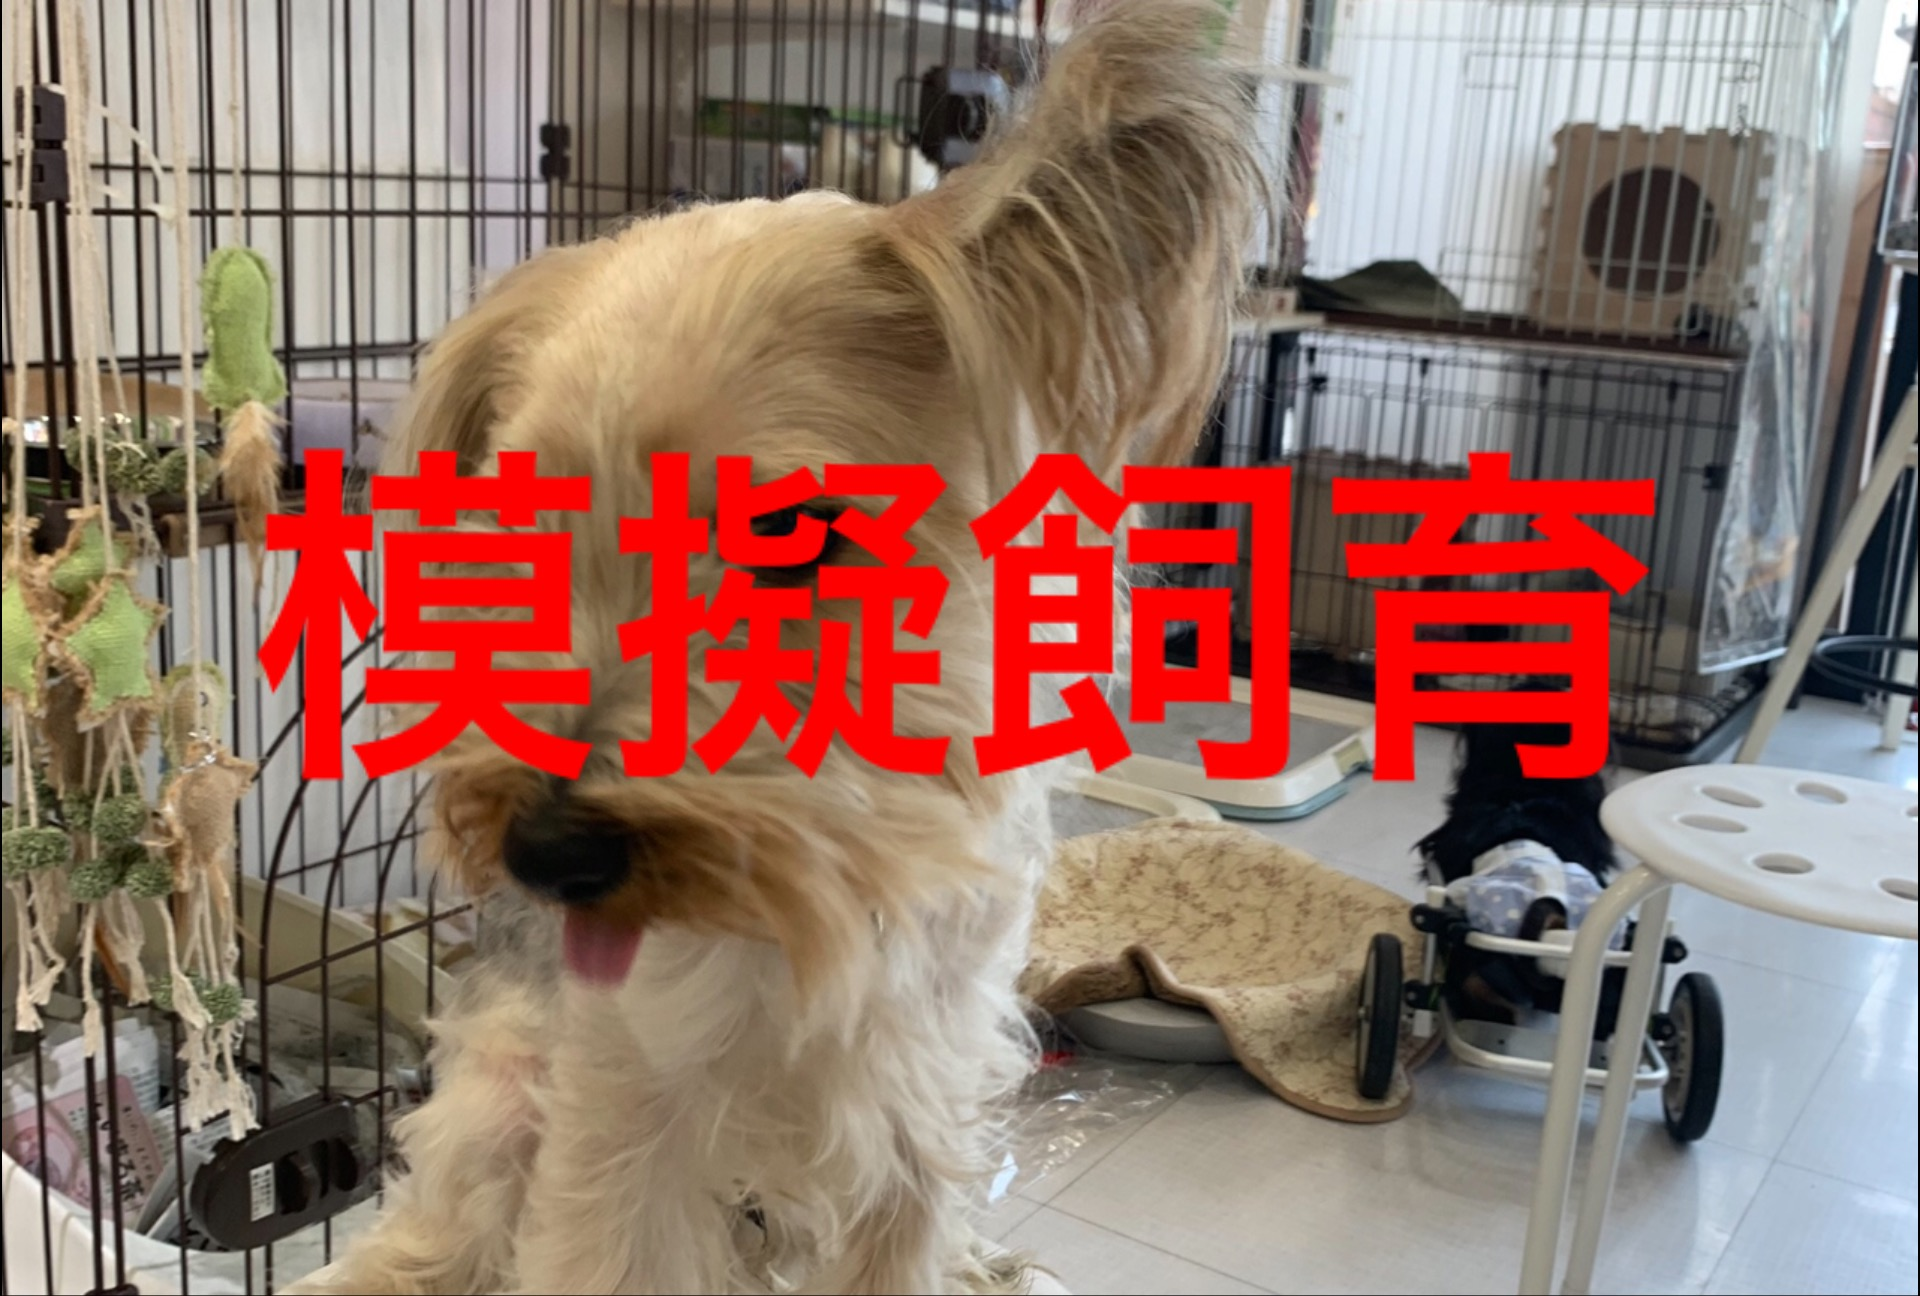 <ul> <li>東2-5</li> <li>犬種:スチールブルータン</li> <li>性別:男の子</li> <li>名前:NALU</li> <li>年齢:2017.6.4生まれ</li> <li>保護経緯:飼い主様の病気療養により飼育困難になりました</li> </ul>